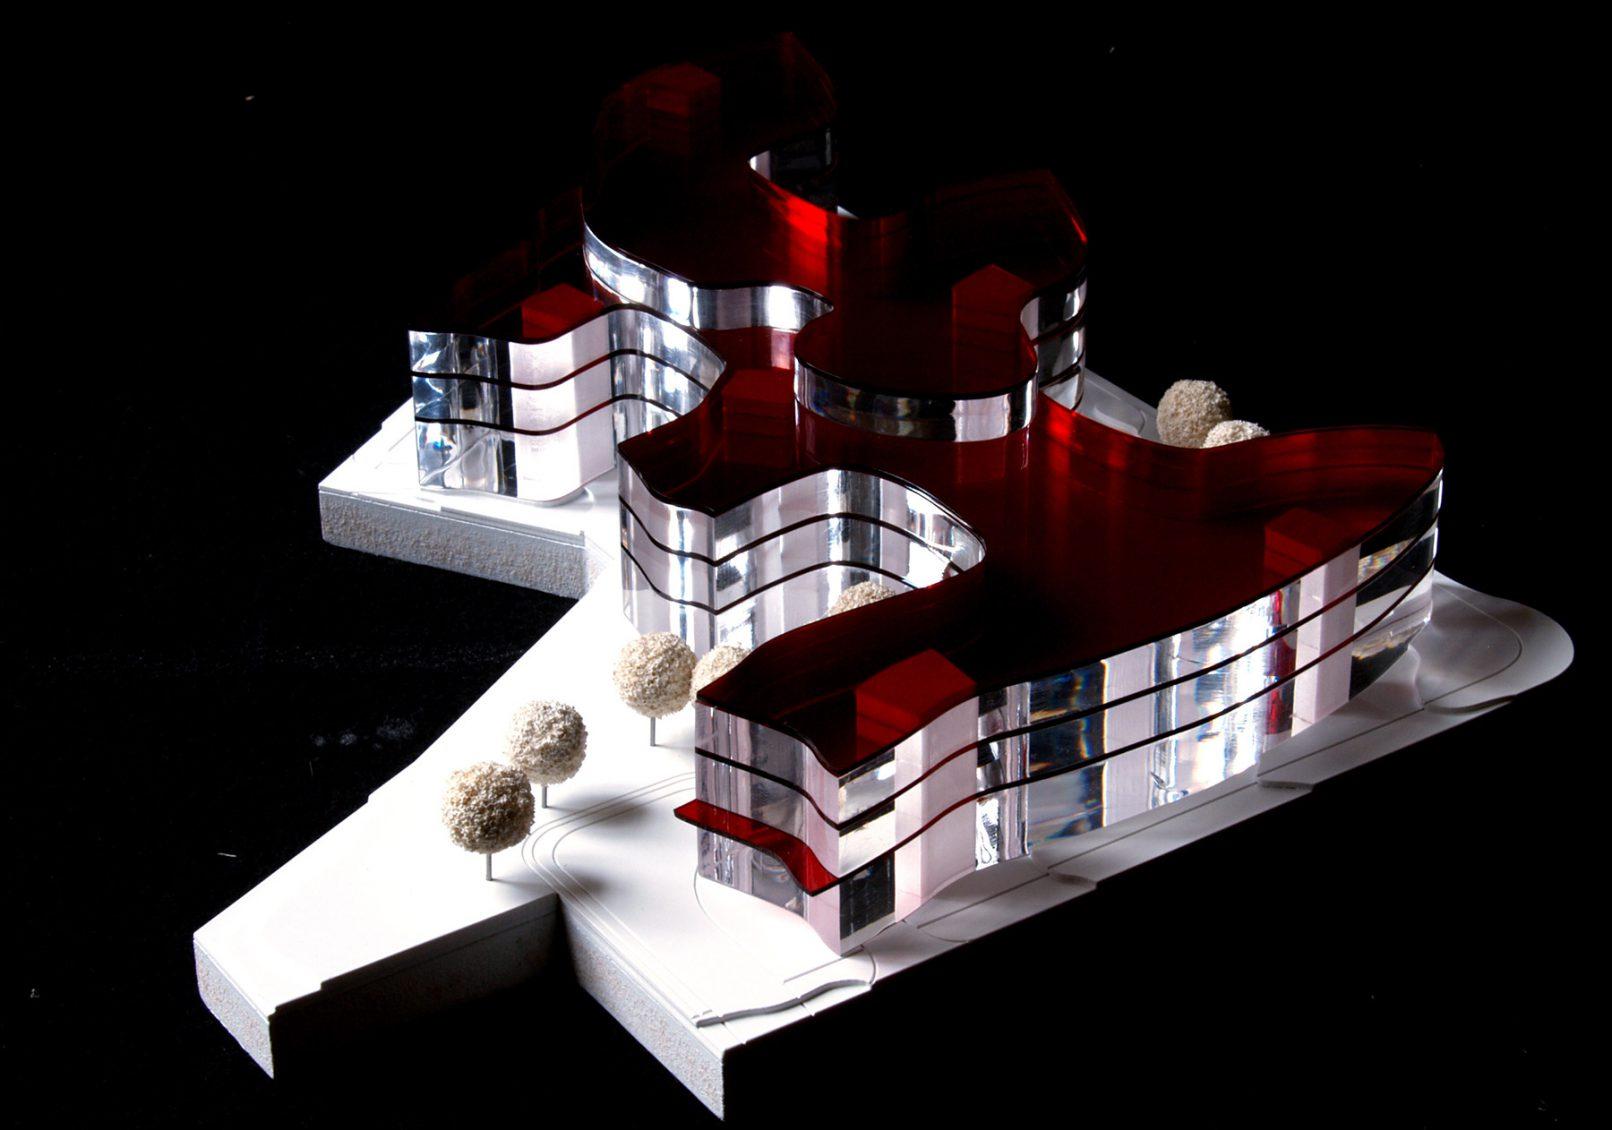 modellbau in berlin 3d druck. Black Bedroom Furniture Sets. Home Design Ideas